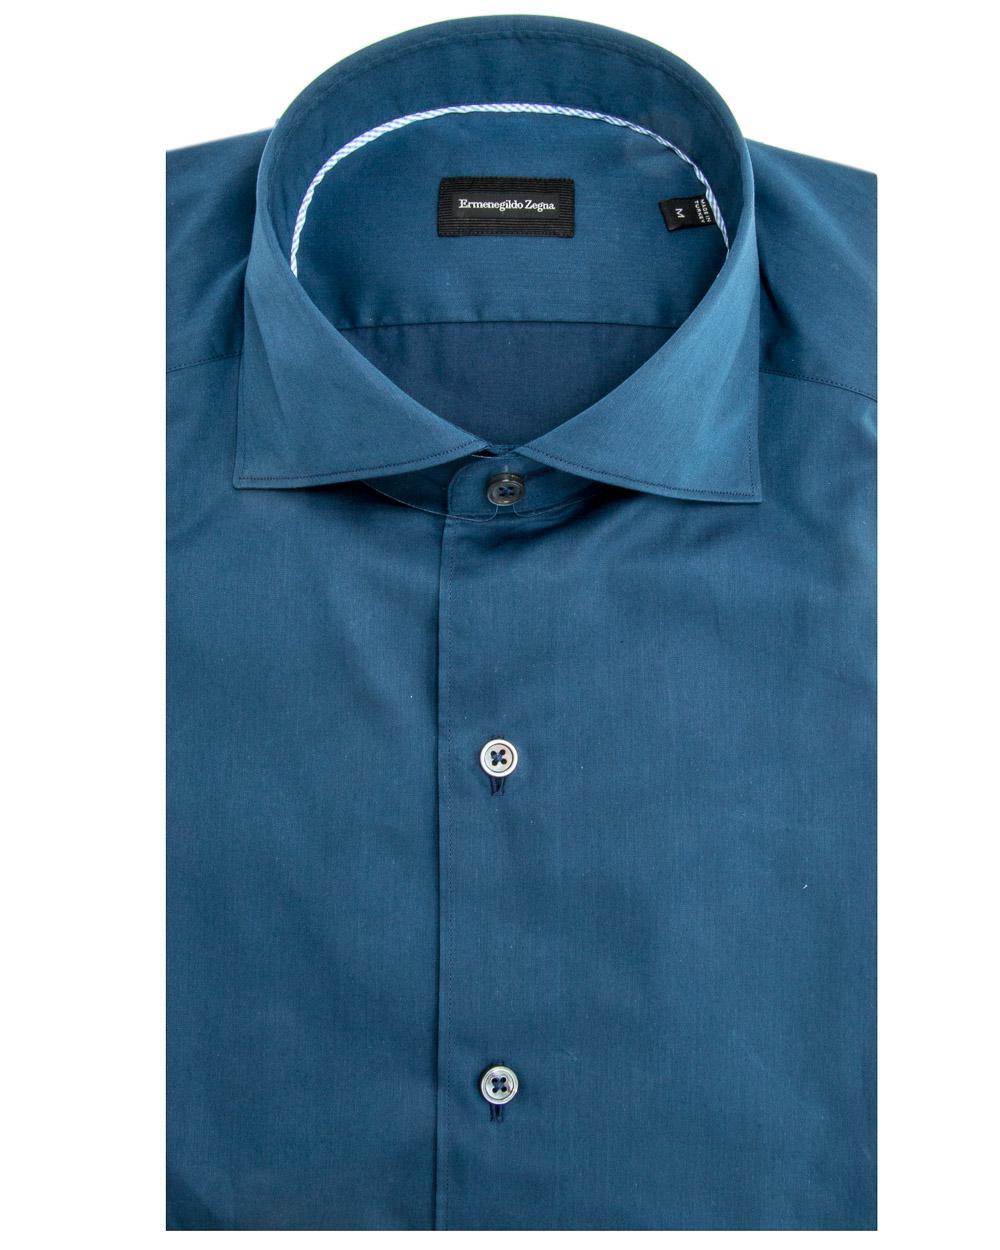 Lyst Ermenegildo Zegna Midnight Blue Dress Shirt In Blue For Men